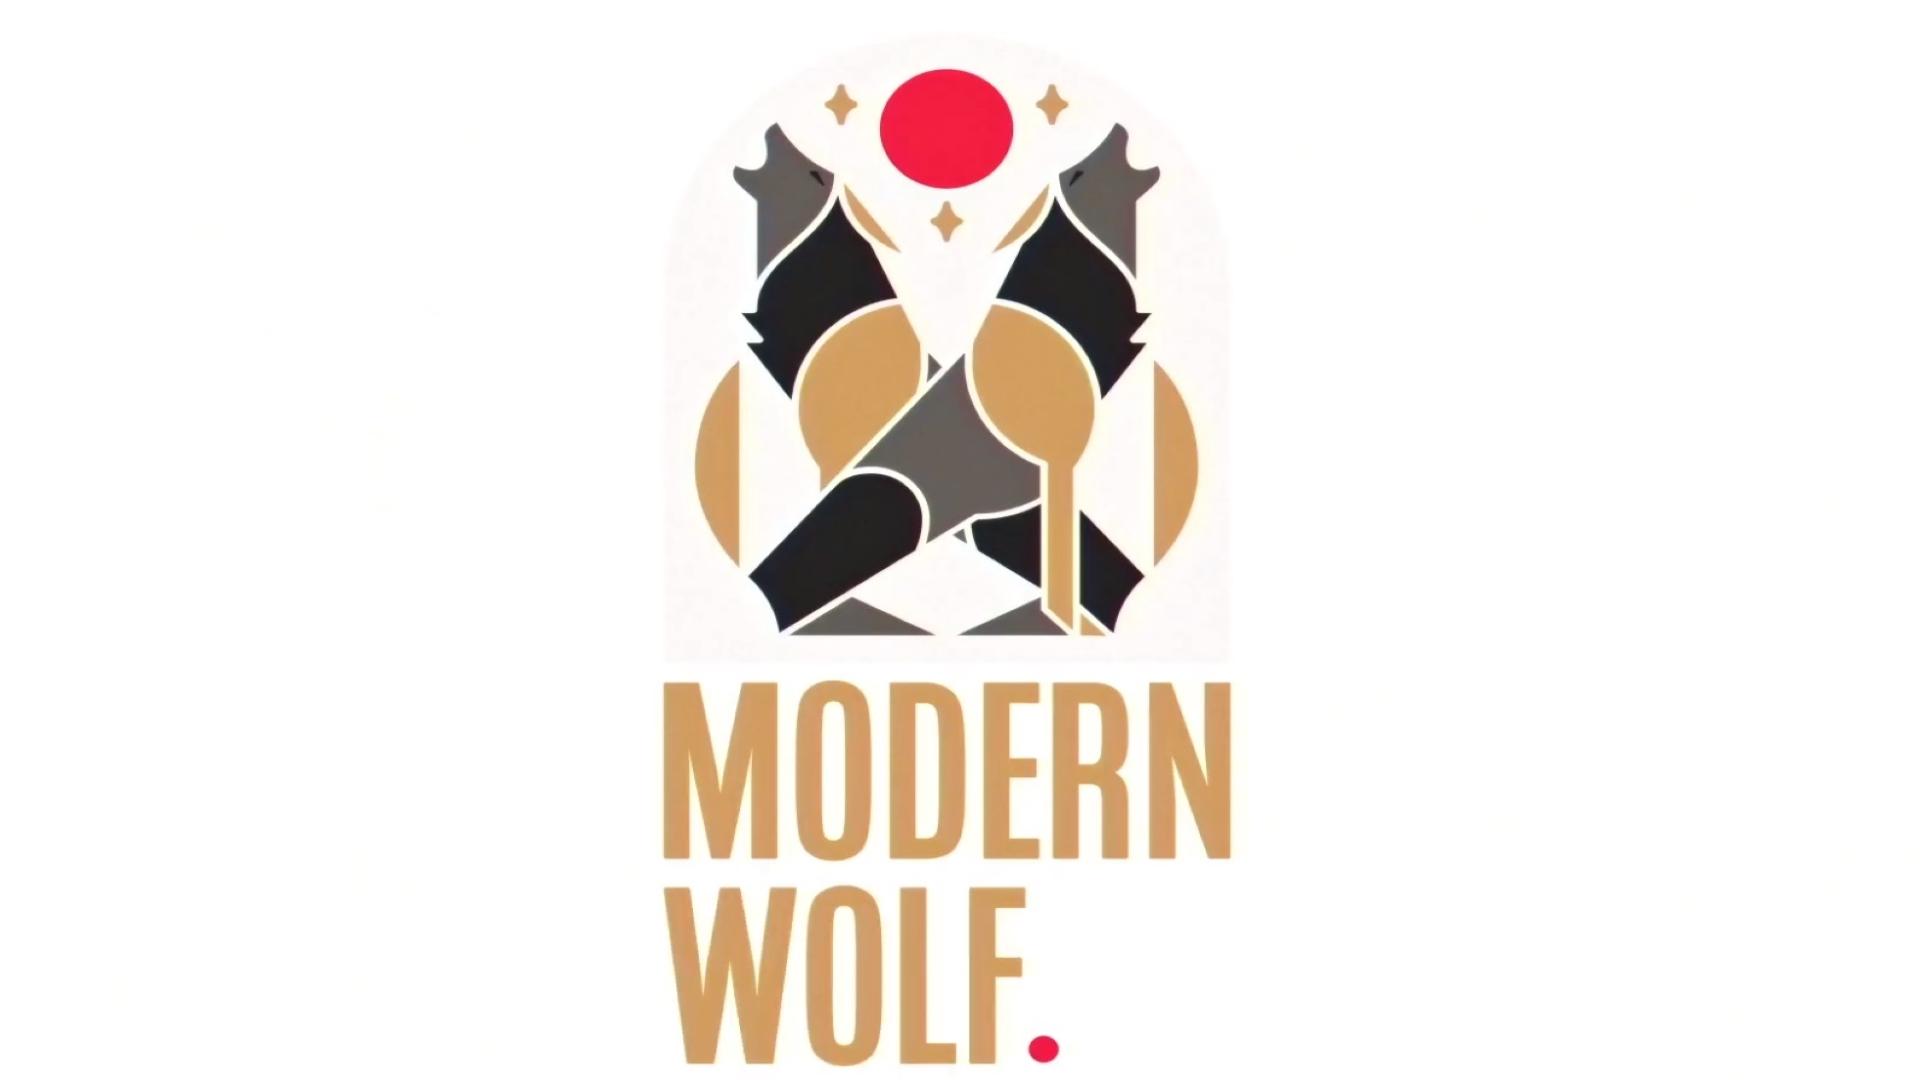 Le nouvel éditeur indépendant Modern Wolf adopte la «tolérance zéro en matière de crise»  Le nouvel éditeur indépendant Modern Wolf adopte la «tolérance zéro en matière de crise» modern wolf trailer